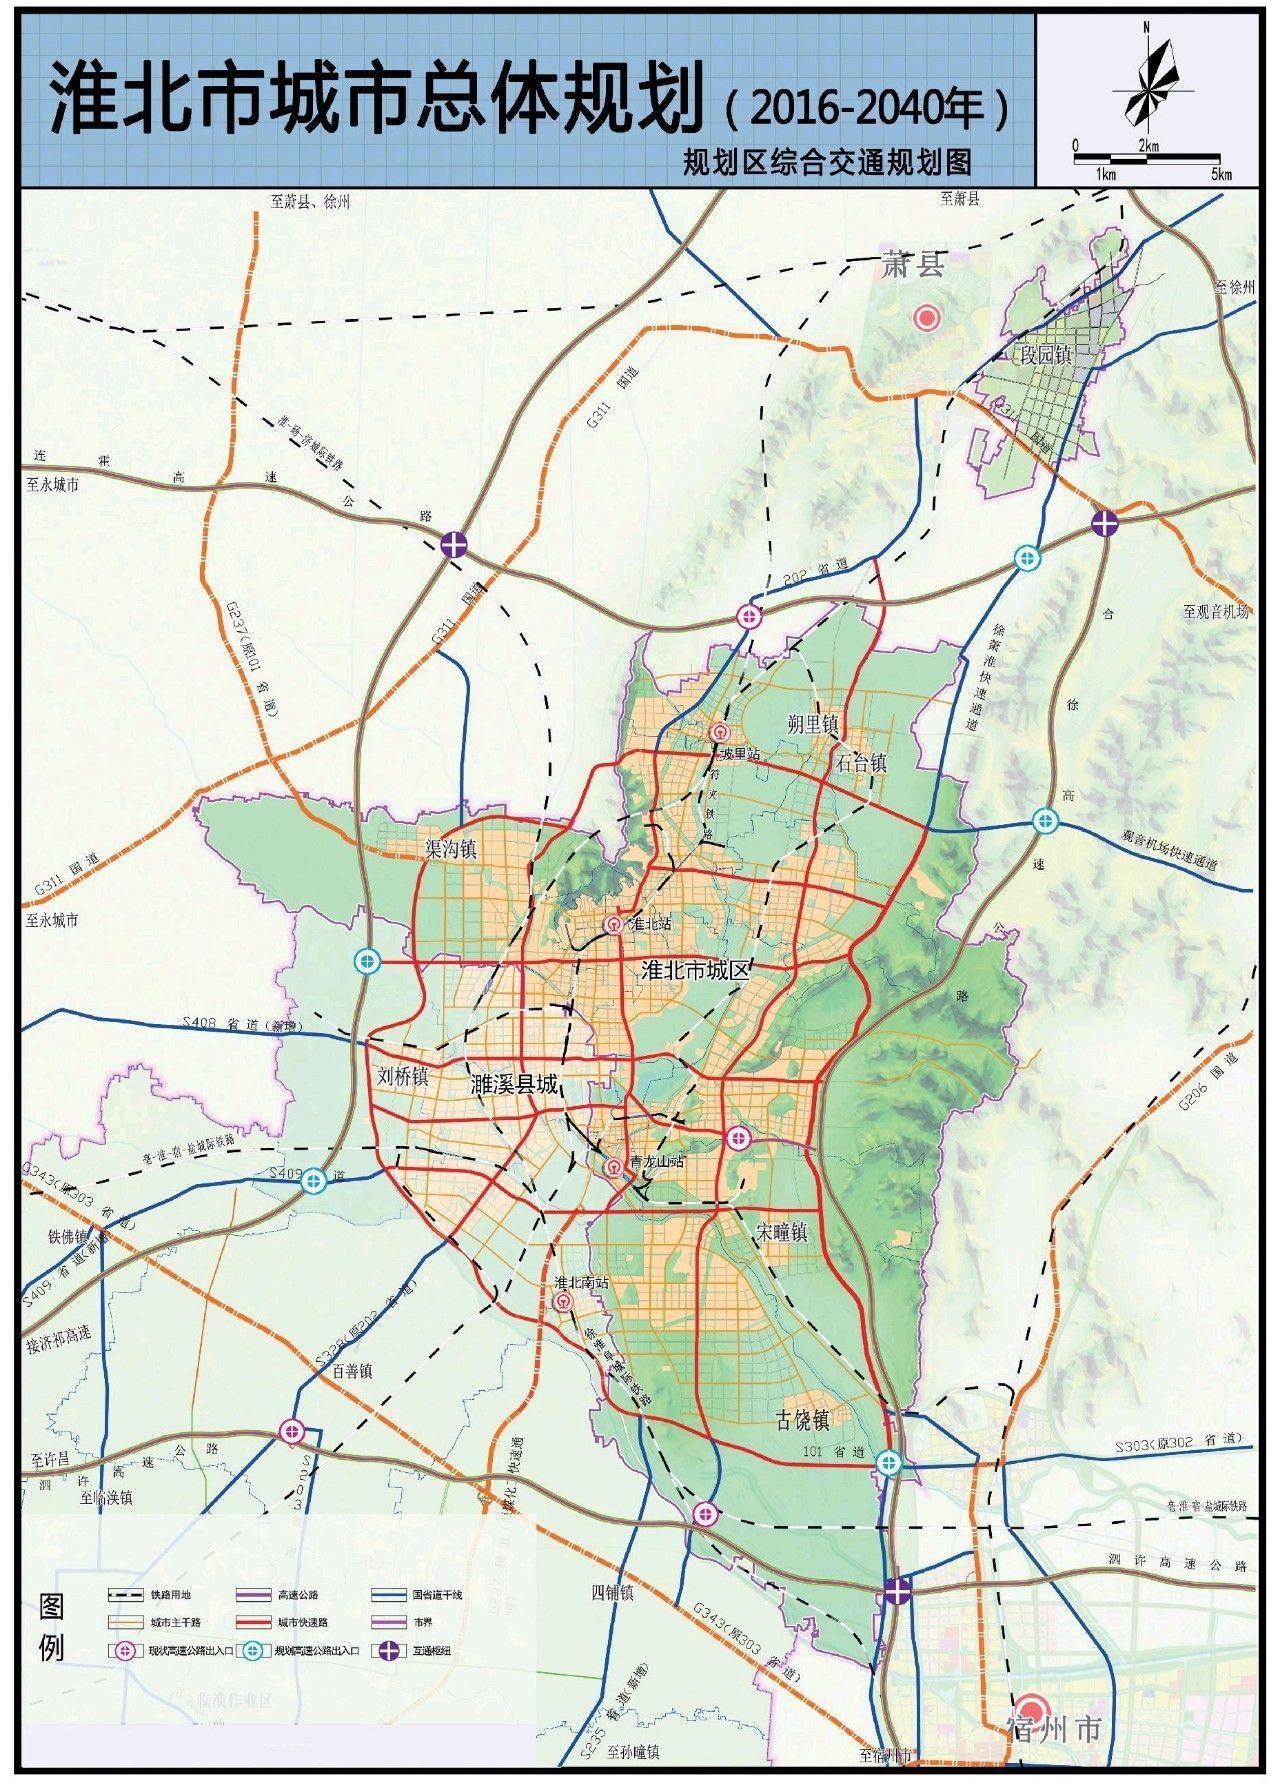 淮北中湖规划图_淮北城市最新总体规划:20年后的淮北长这样